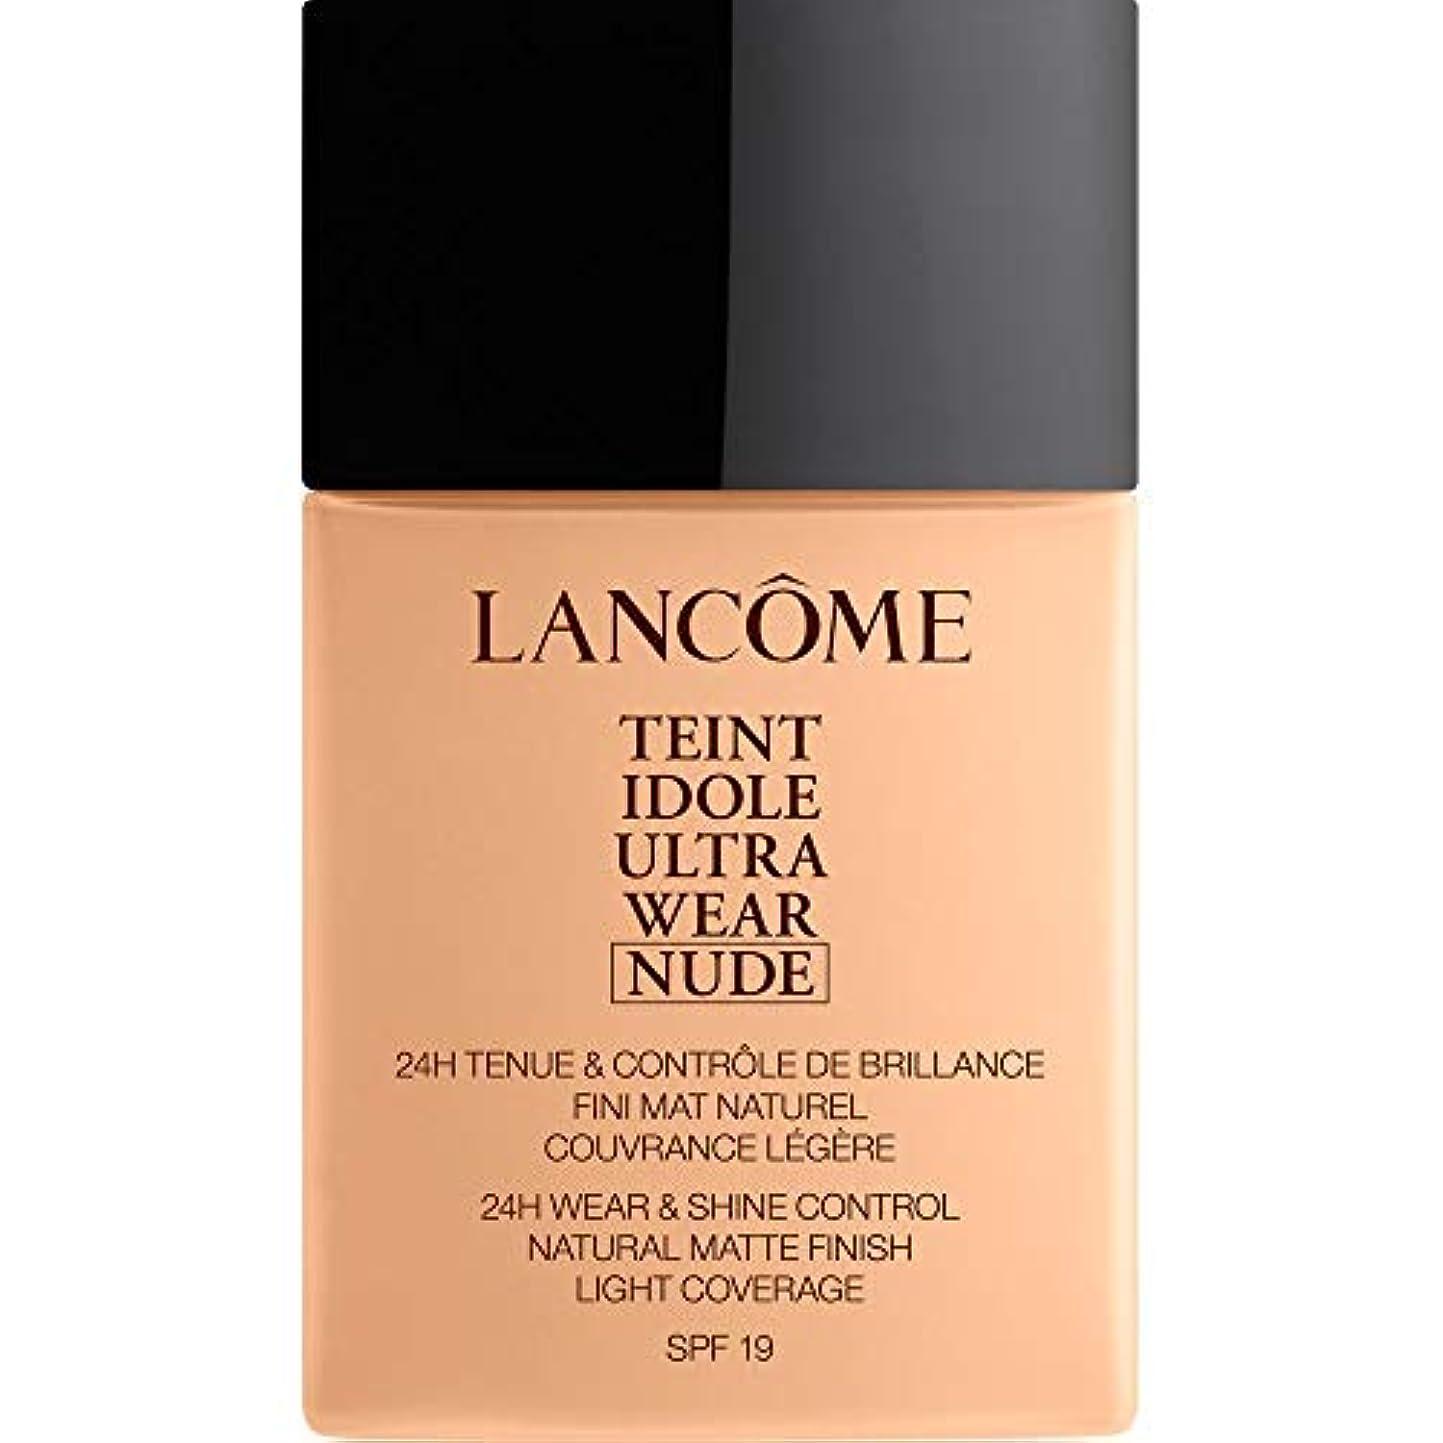 即席鬼ごっこメイド[Lanc?me ] ランコムTeintのIdole超摩耗ヌード財団Spf19の40ミリリットル025 - ベージュLin - Lancome Teint Idole Ultra Wear Nude Foundation...